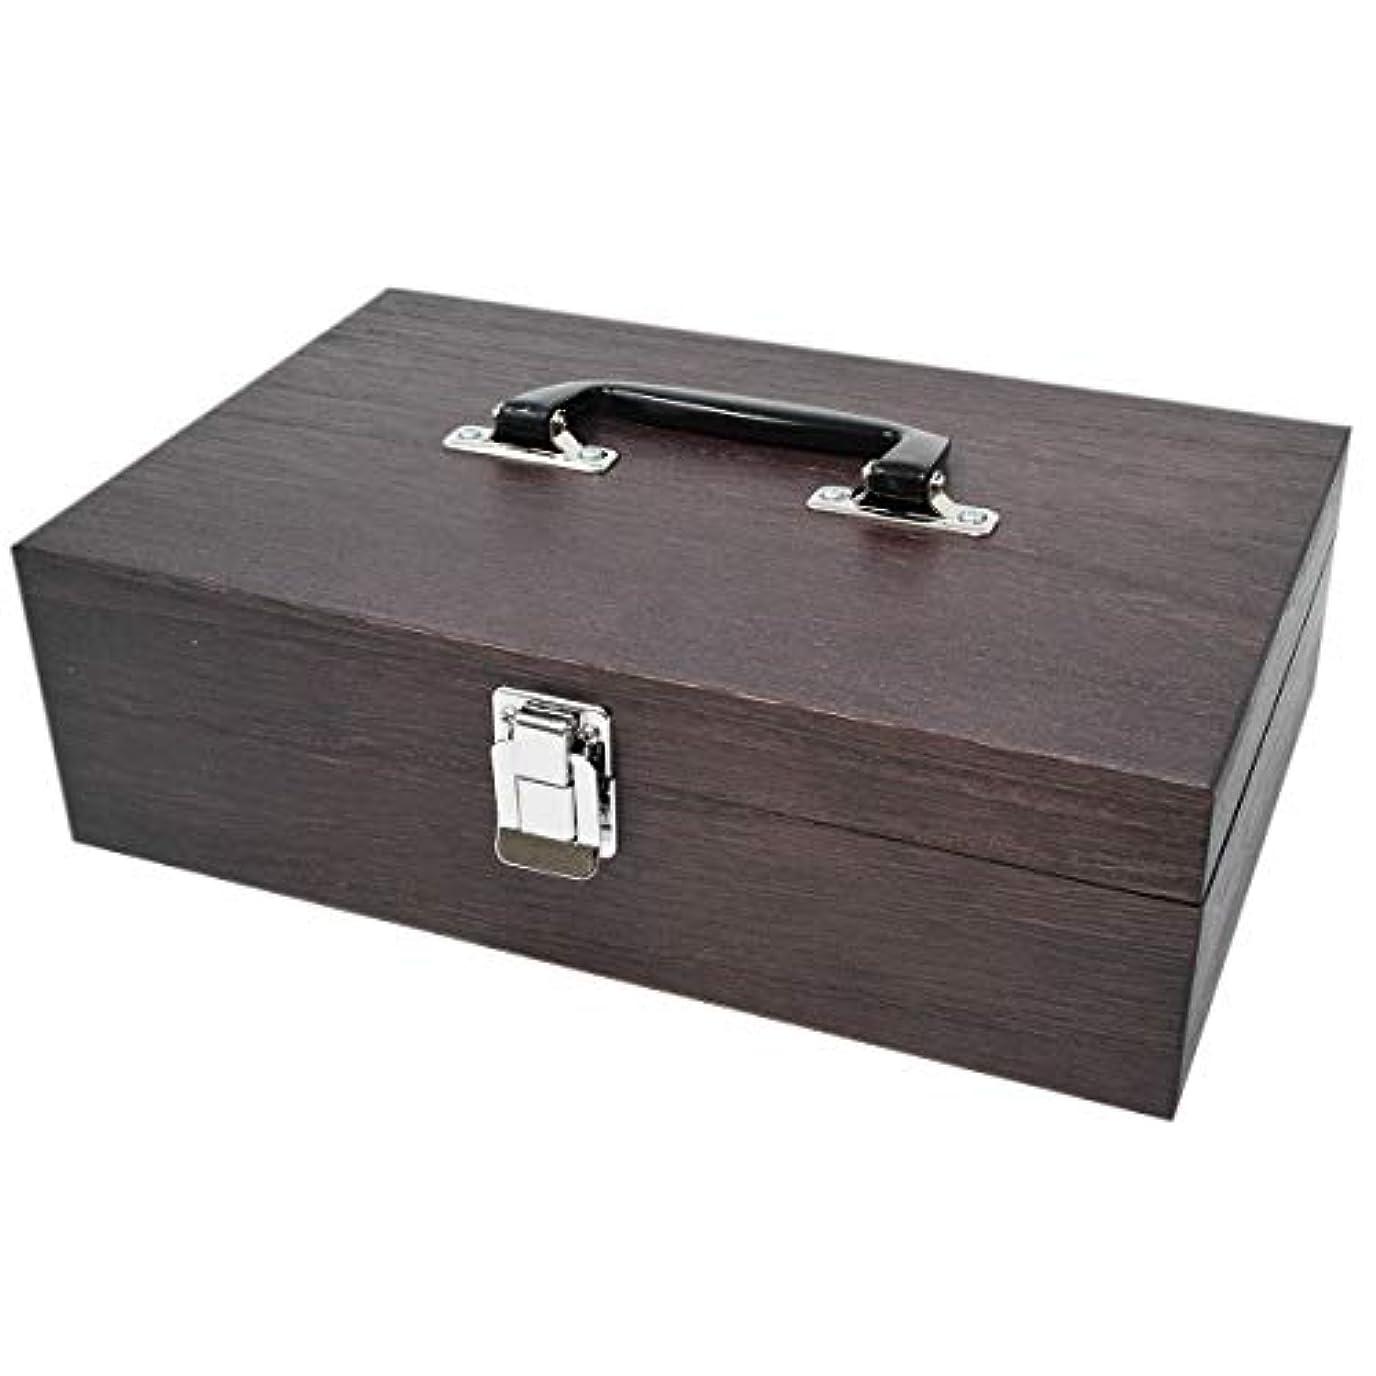 火山歌手ビットケンソー オイルボックス 40本収納 (特大)ナトー材製 ※取っ手付 (健草医学舎 オイルボックス)